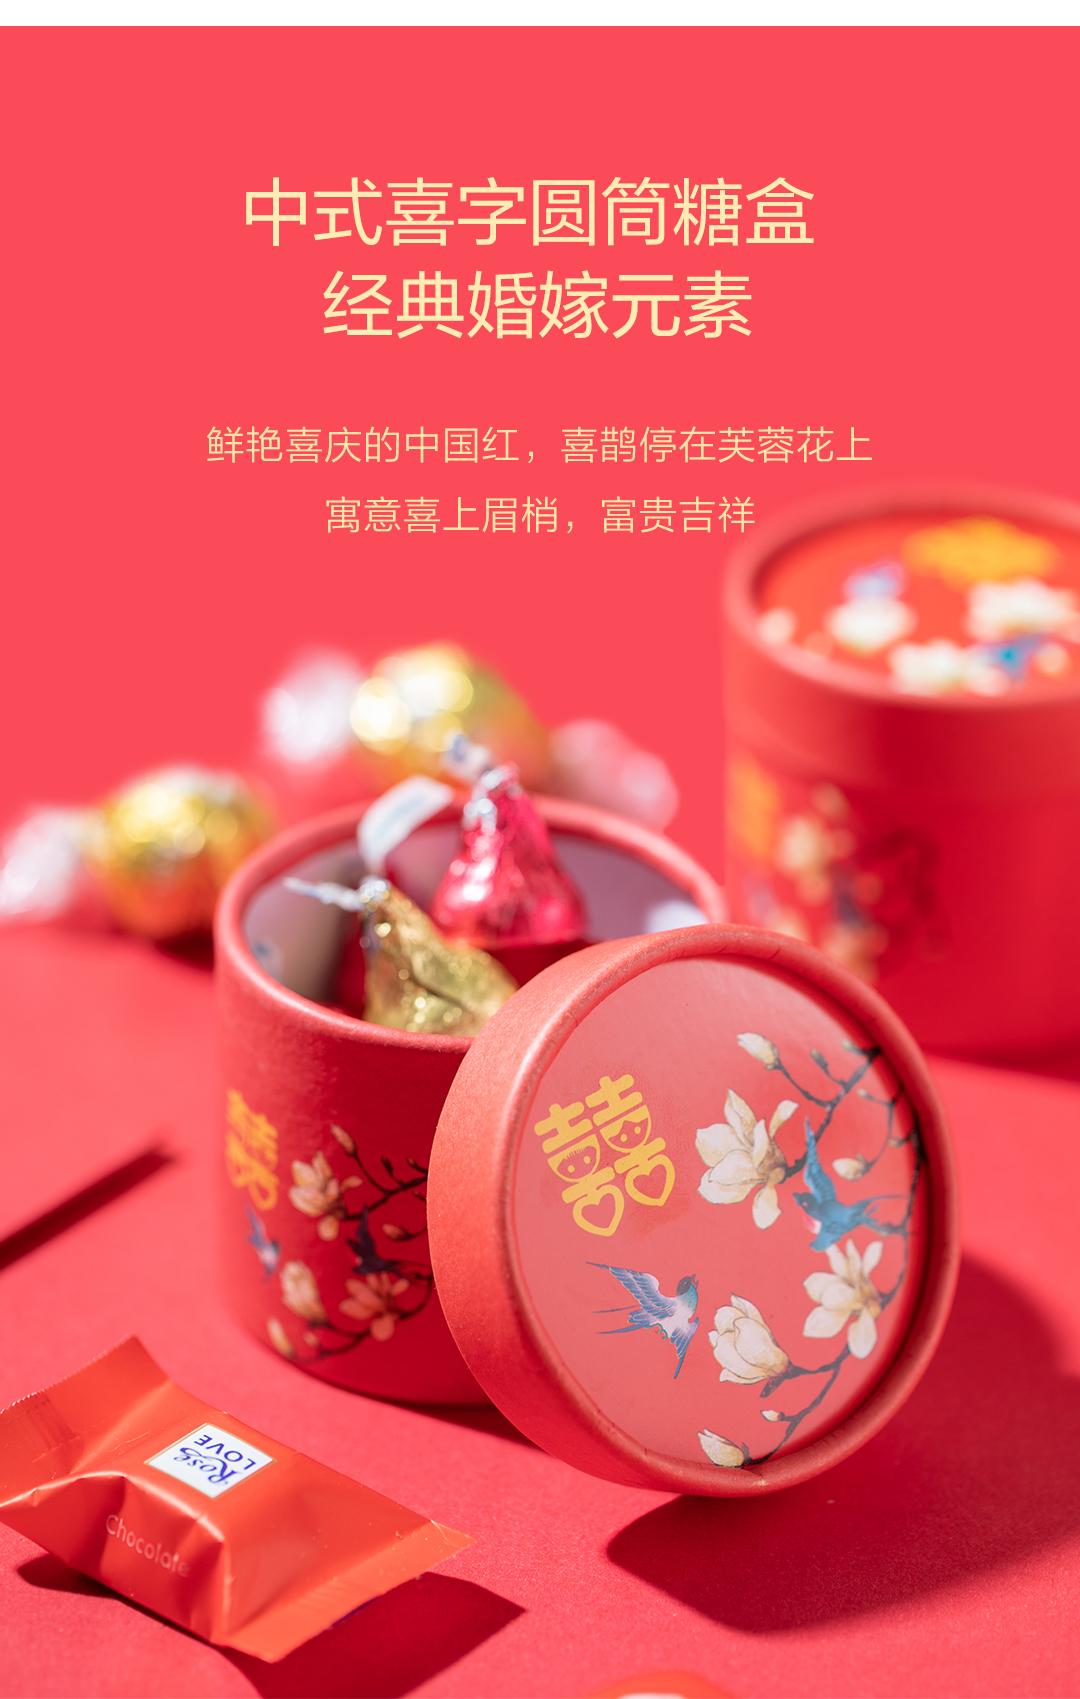 中式喜上眉梢喜糖盒